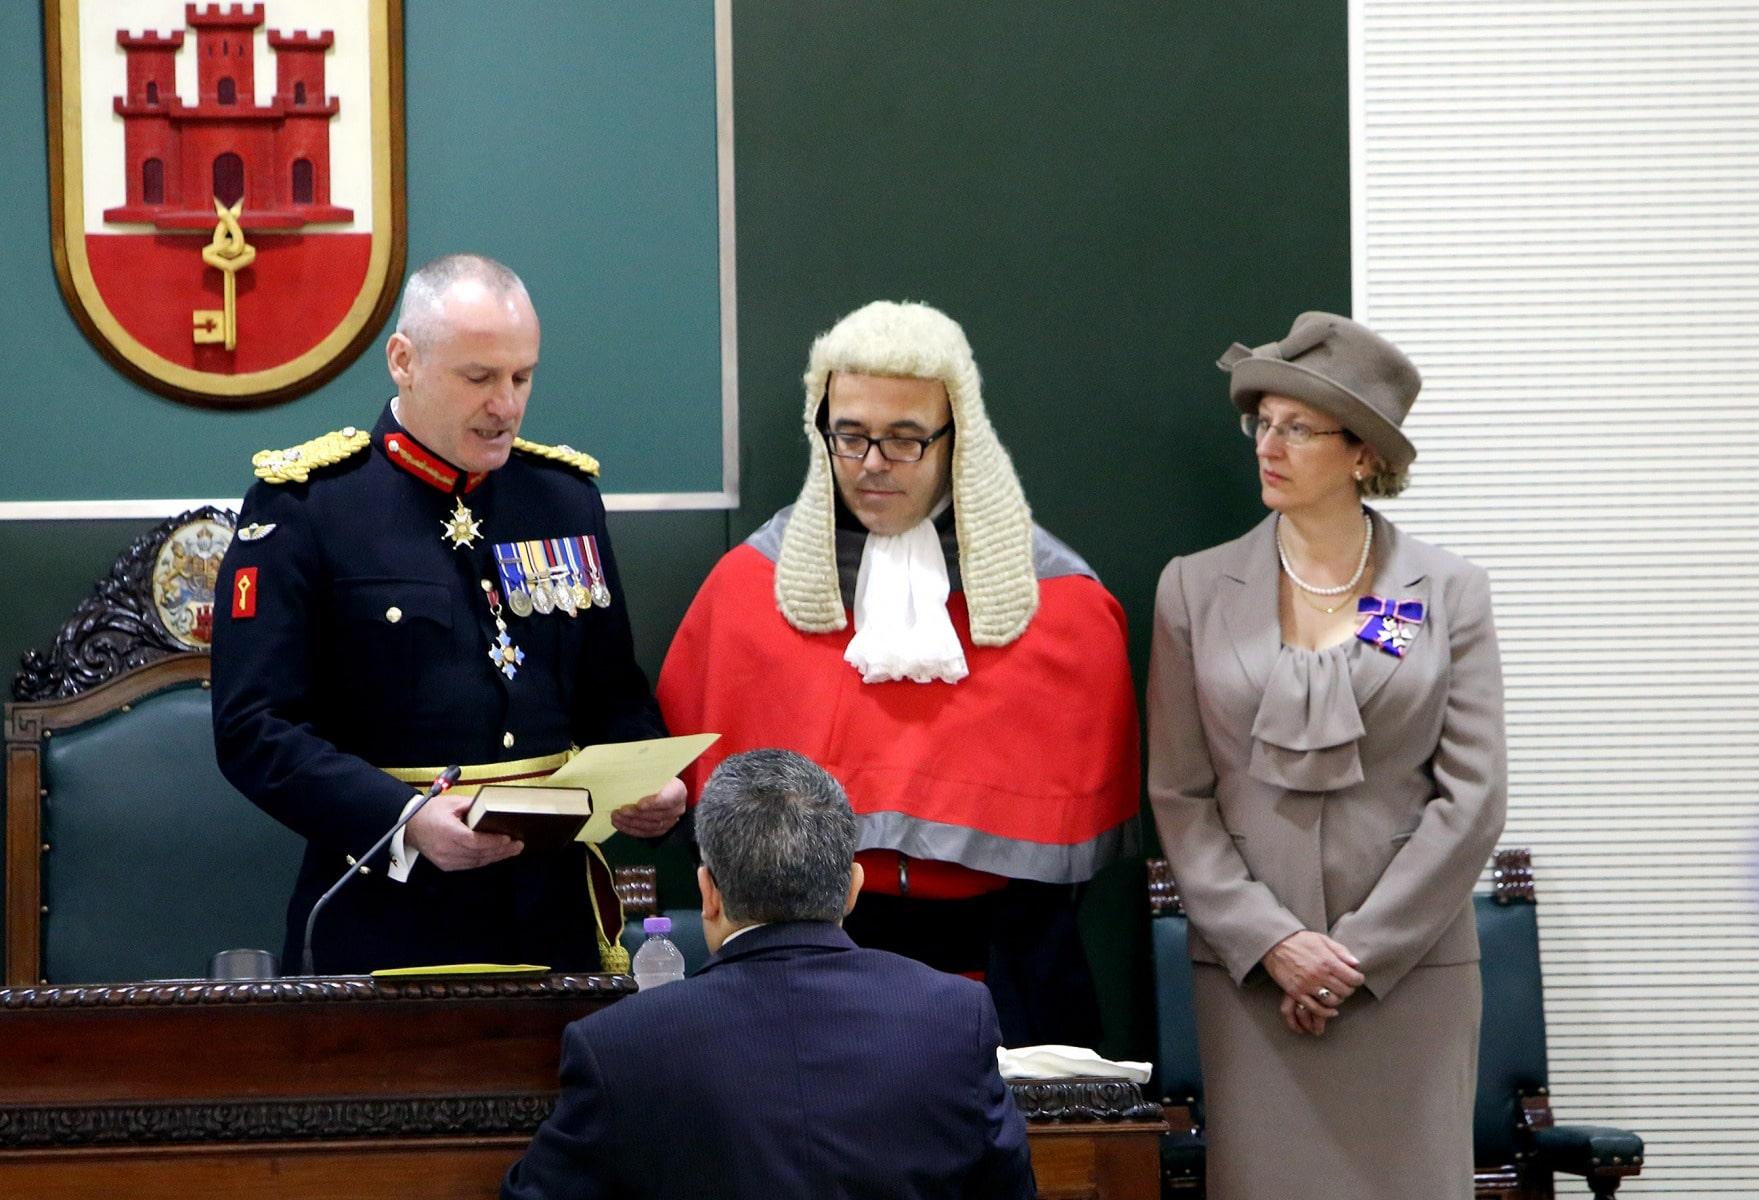 gobernador-de-gibraltar-edward-davis_24497000455_o